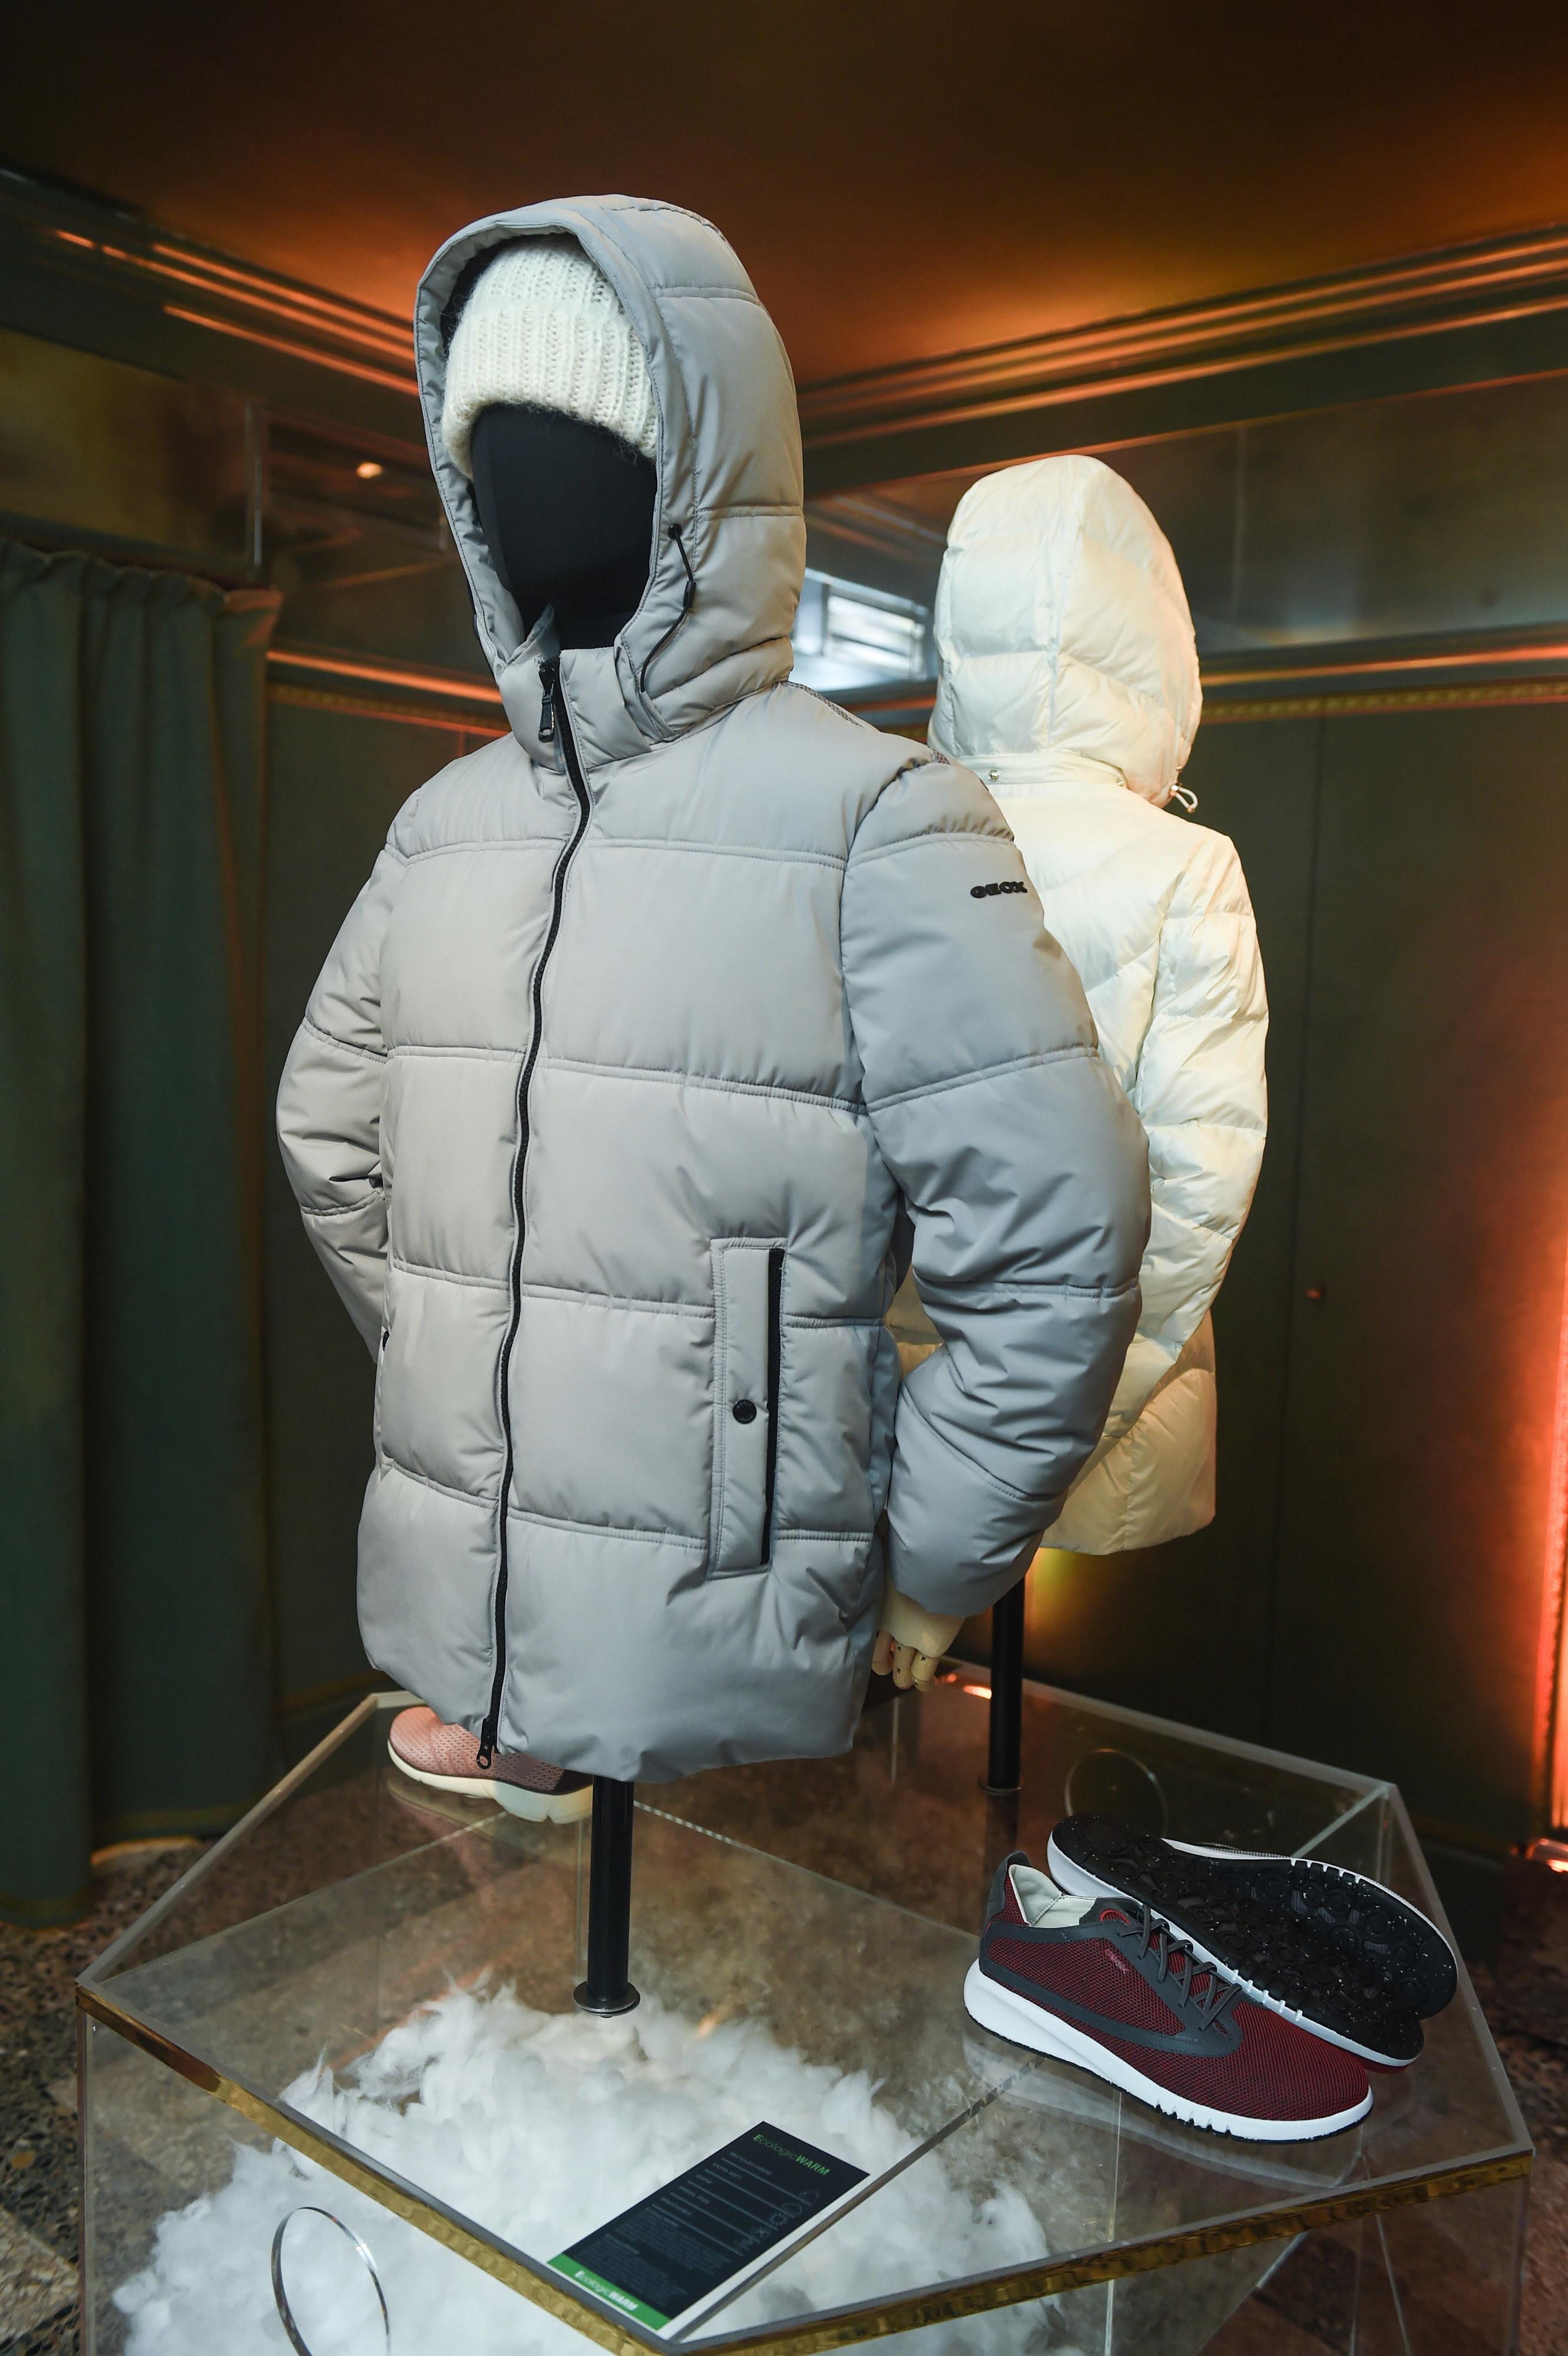 4f2c366f d2e0 498f b21a 660de505ccda - Geox presenta su colección para hombre Otoño/Invierno 2020 de calzado y prendas exteriores